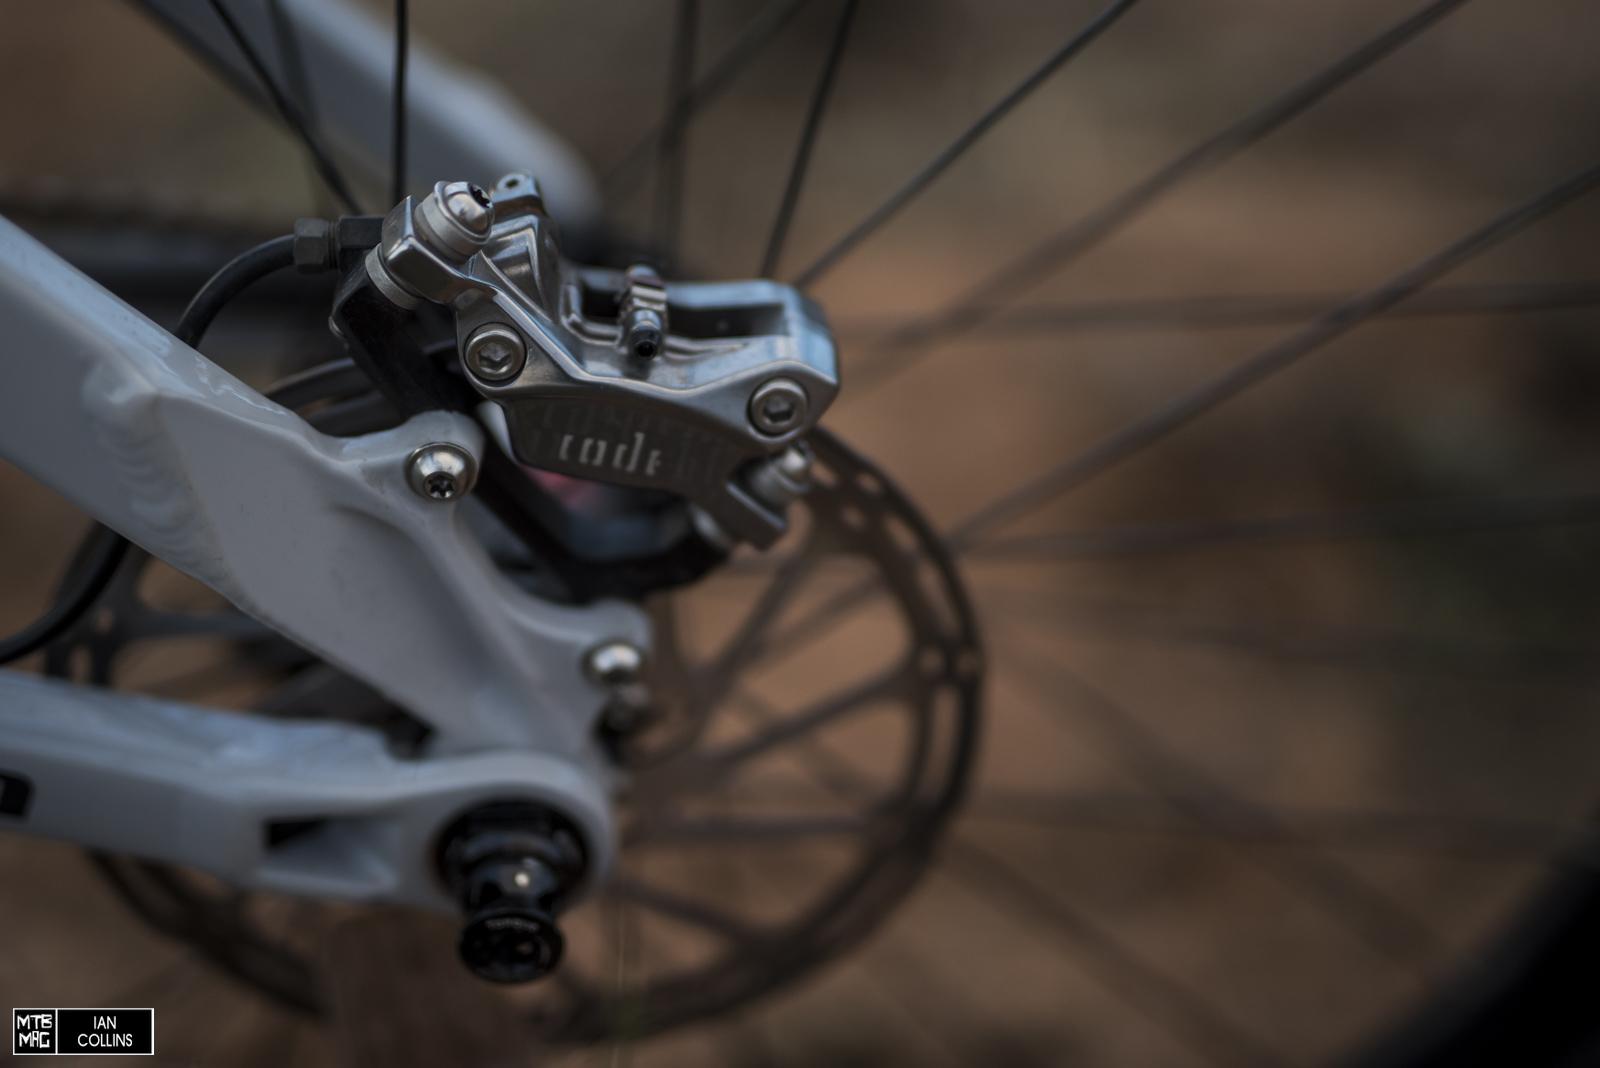 Avid Code brakes.